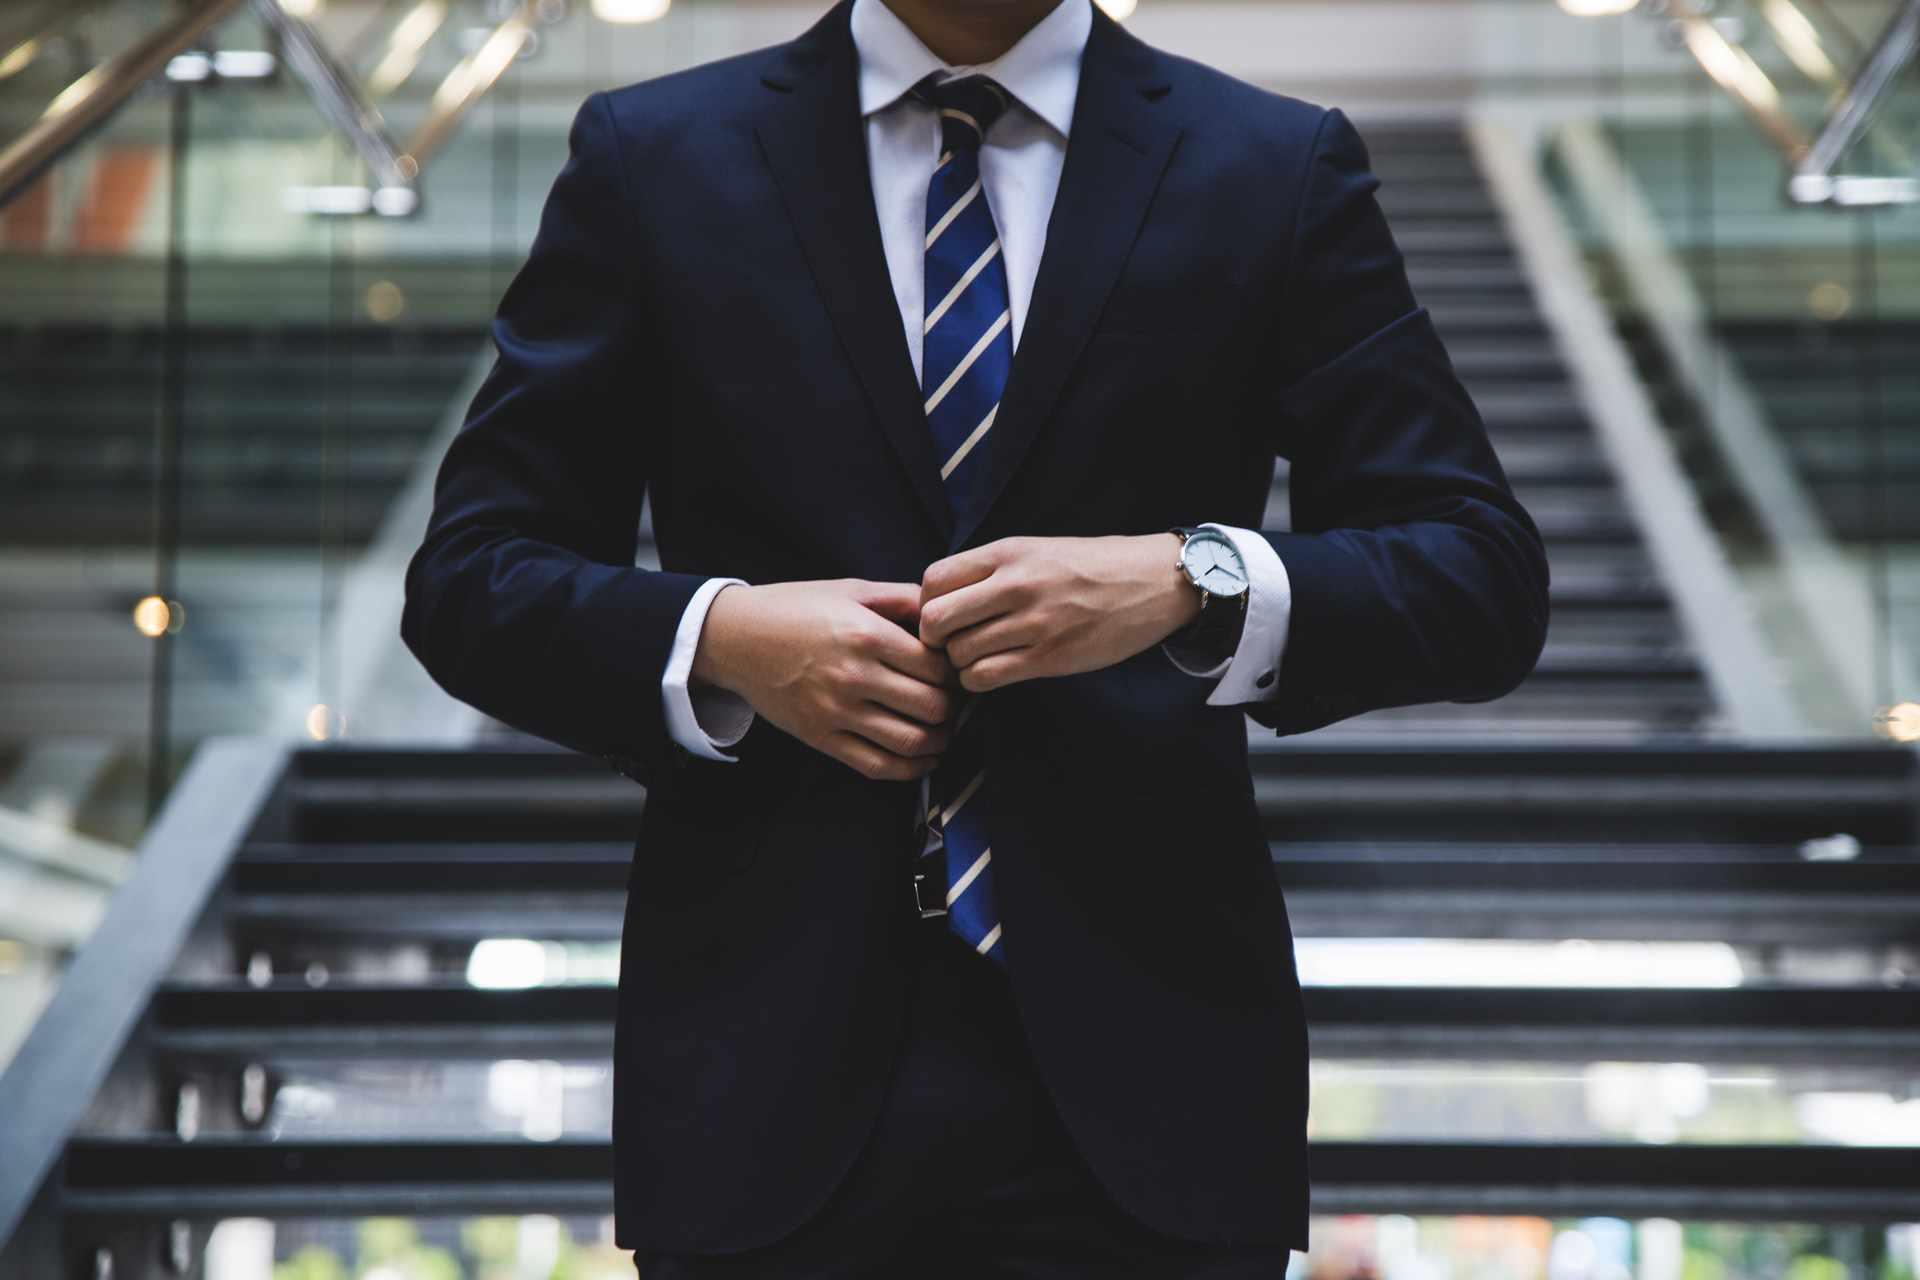 Jaki modny garnitur warto kupić w 2020 roku?